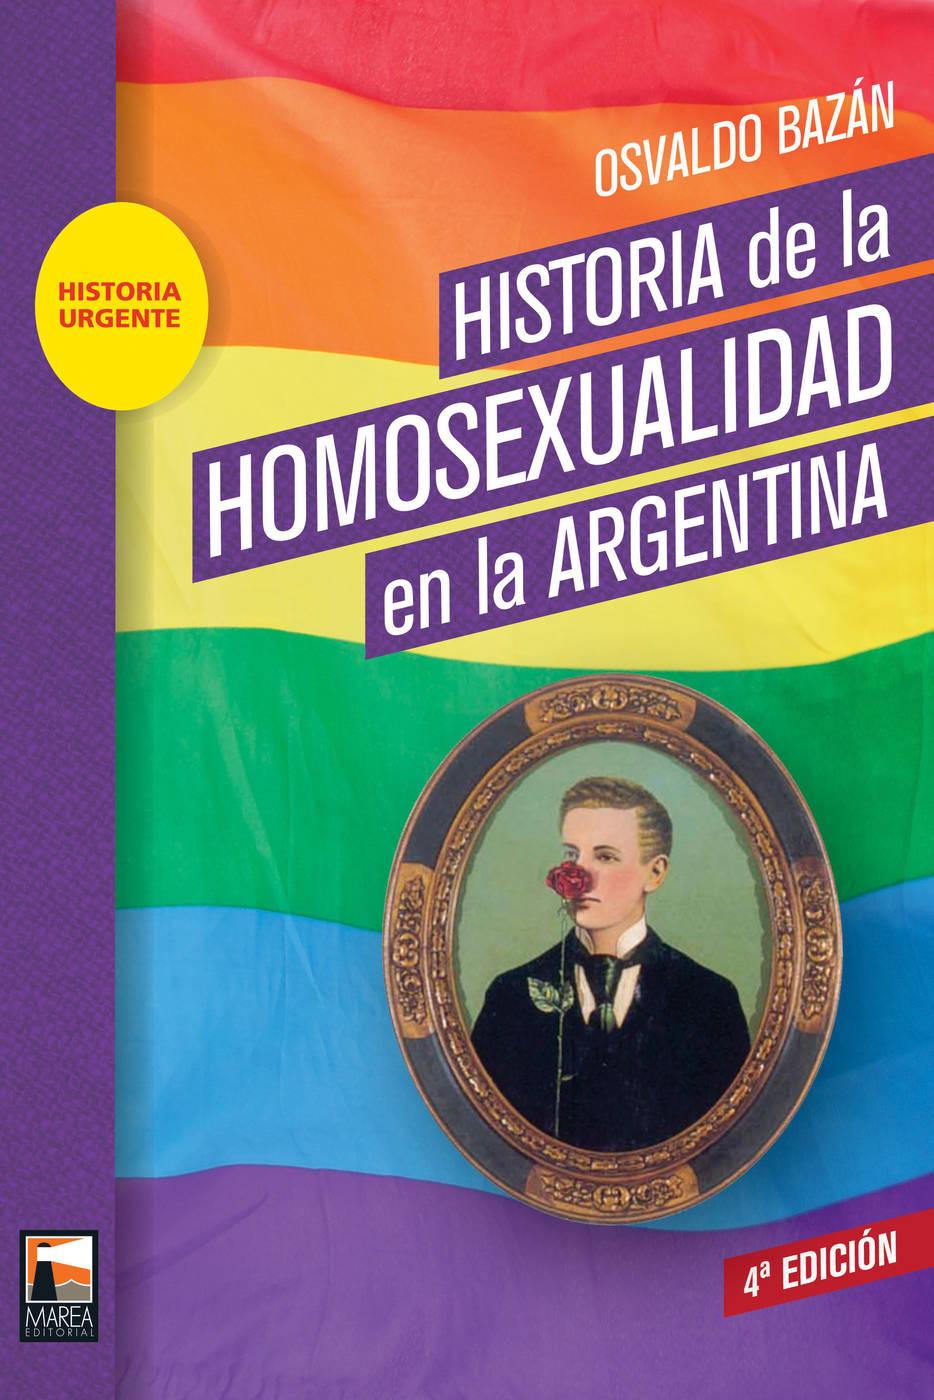 Historia De La Homosexualidad En La Argentina De Osvaldo Bazán Marea Editorial